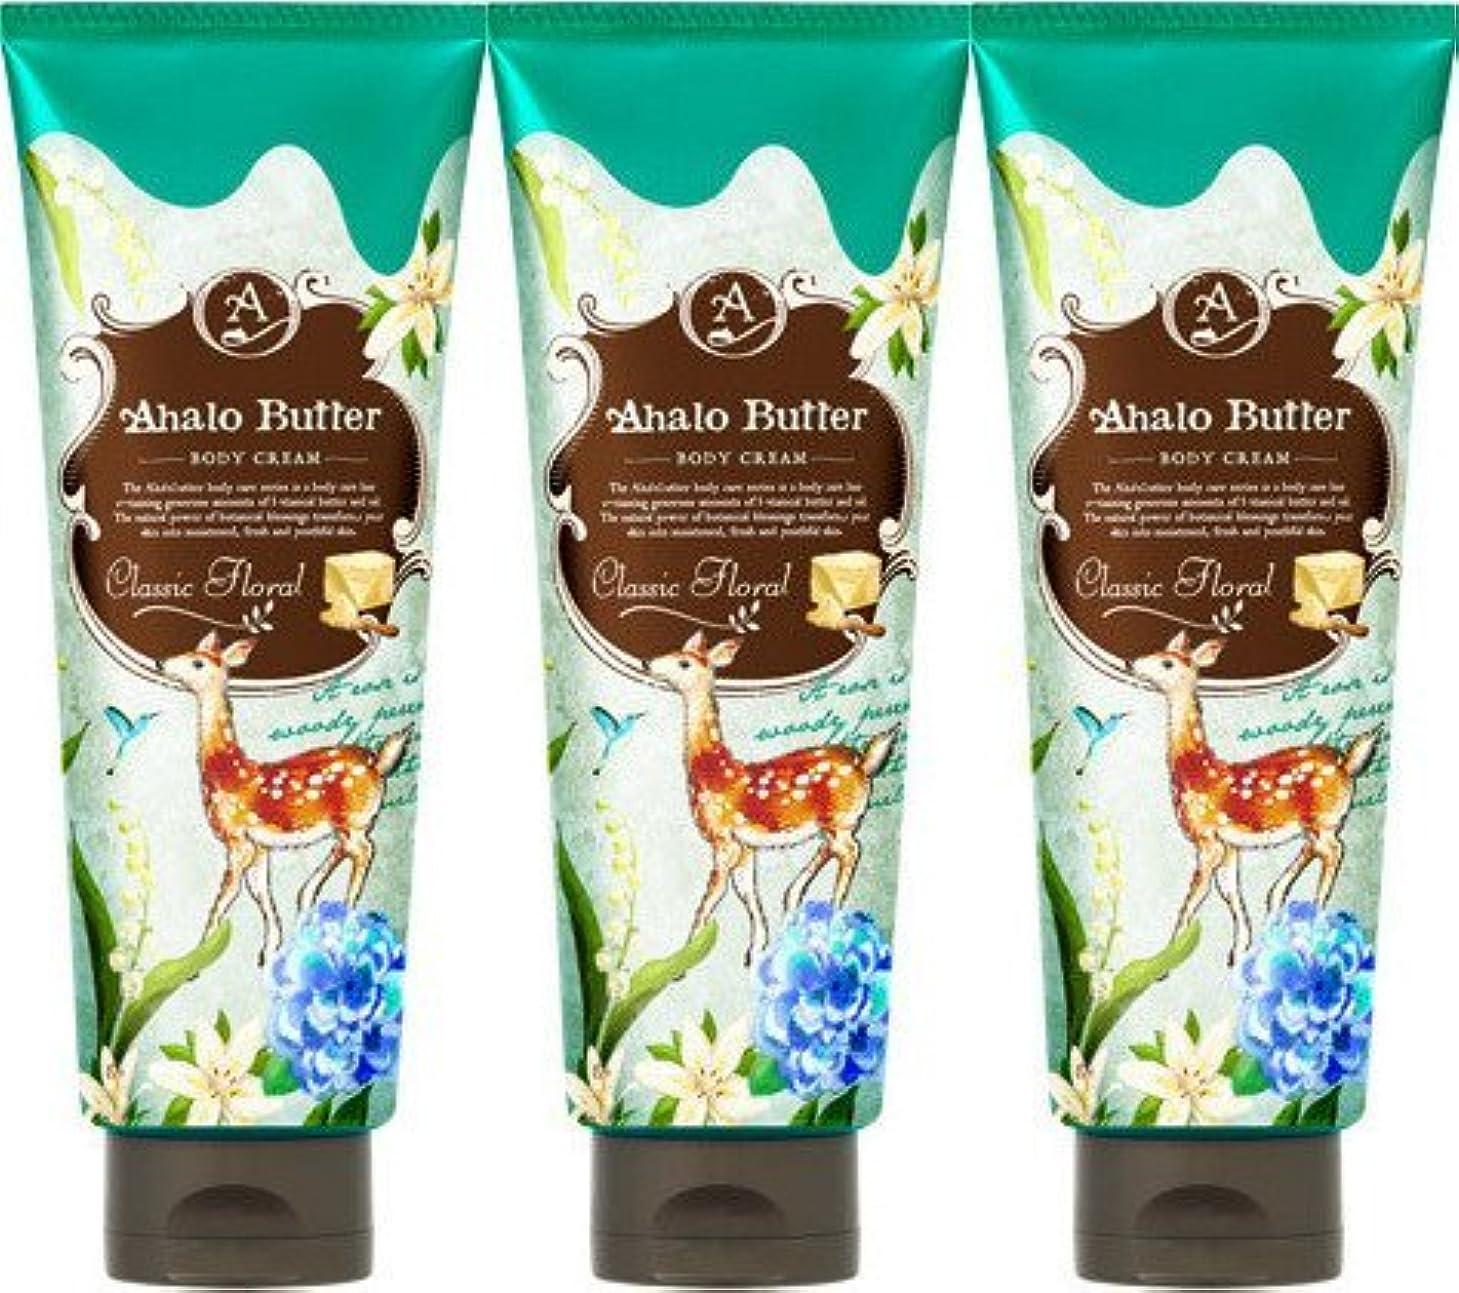 昇る姿勢打撃【3個セット】Ahalo butter(アハロバター) ボディクリーム クラシックフローラル 150g